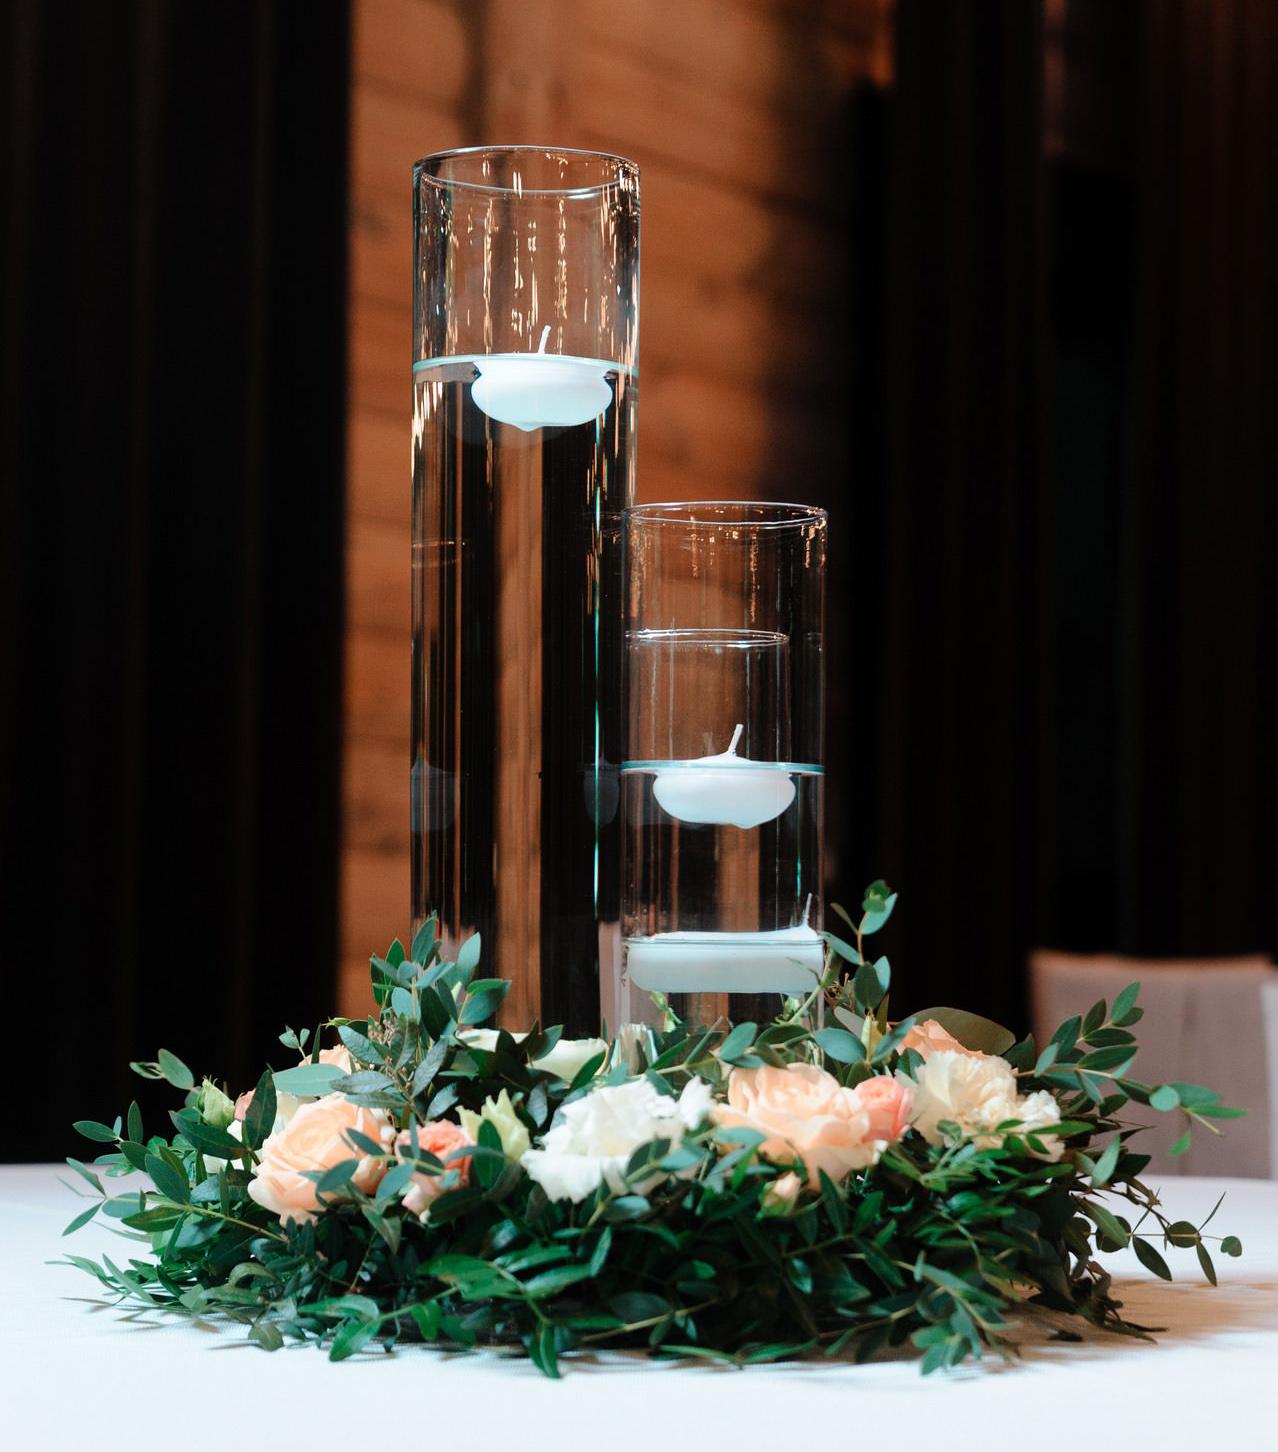 Венок из зелени и живых цветов на столы гостей с высокими колбами посередине